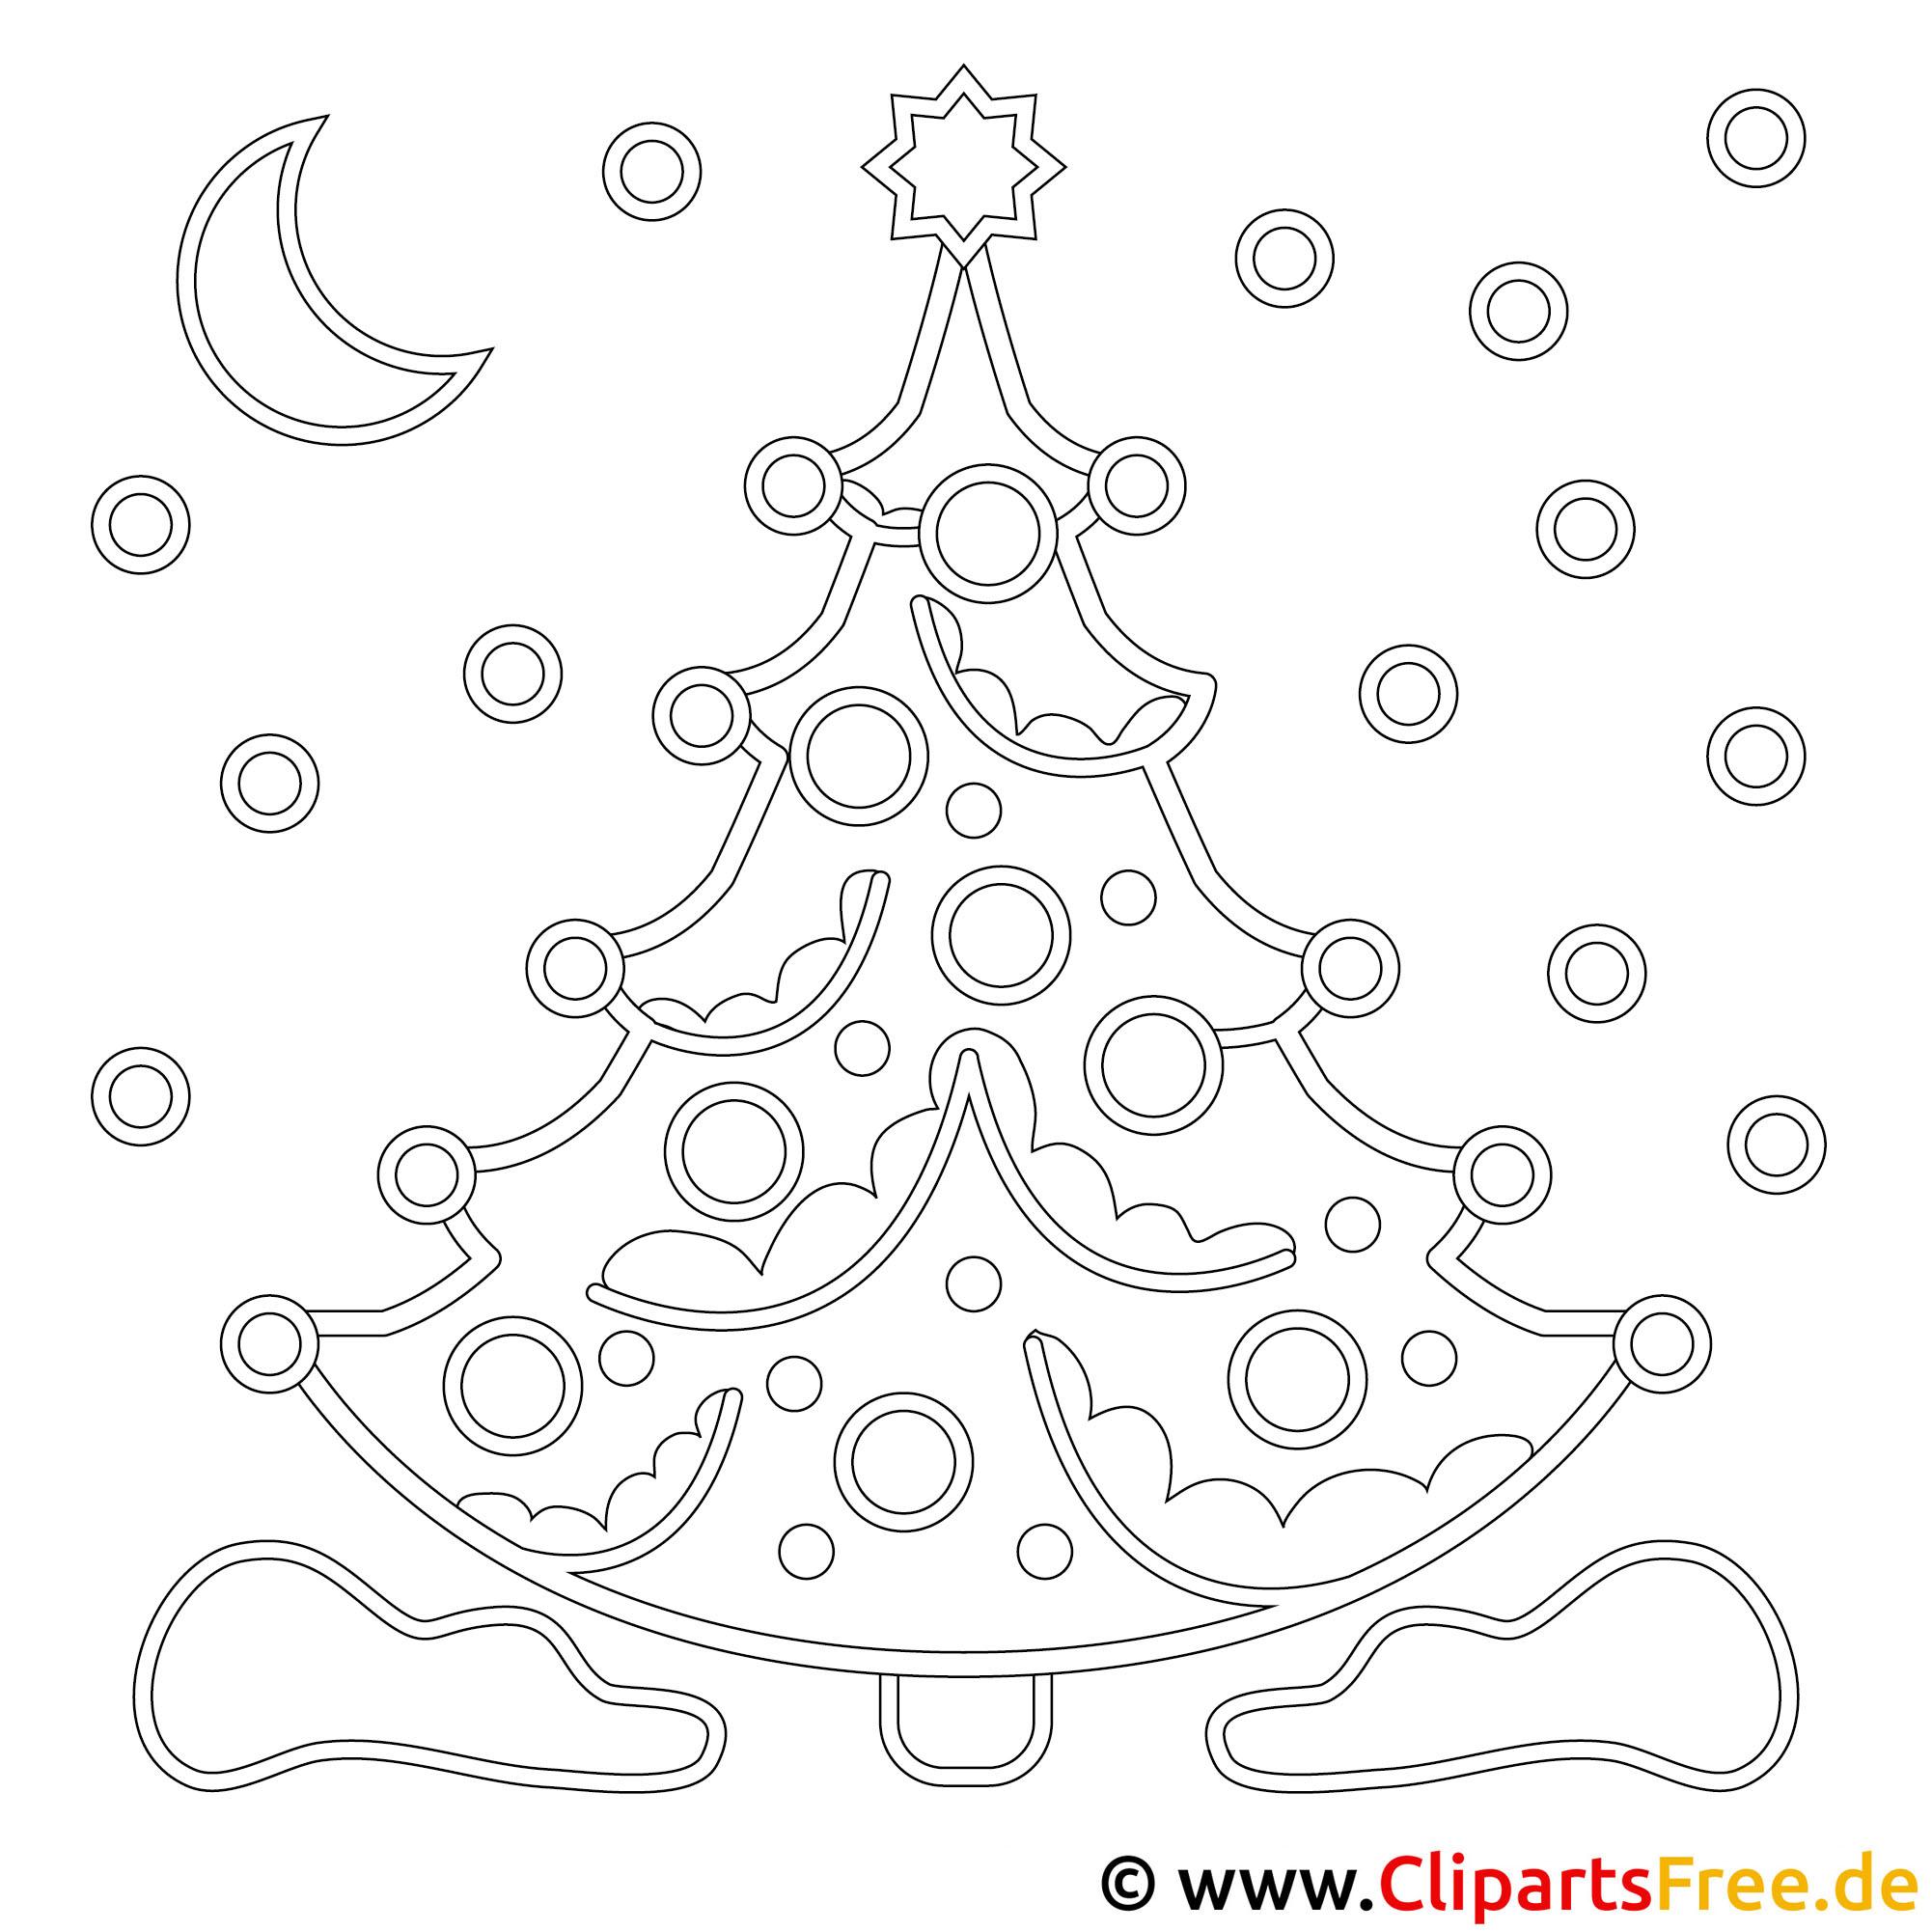 Weihnachtsbaum Bild Malvorlage Ausmalbild kostenlos